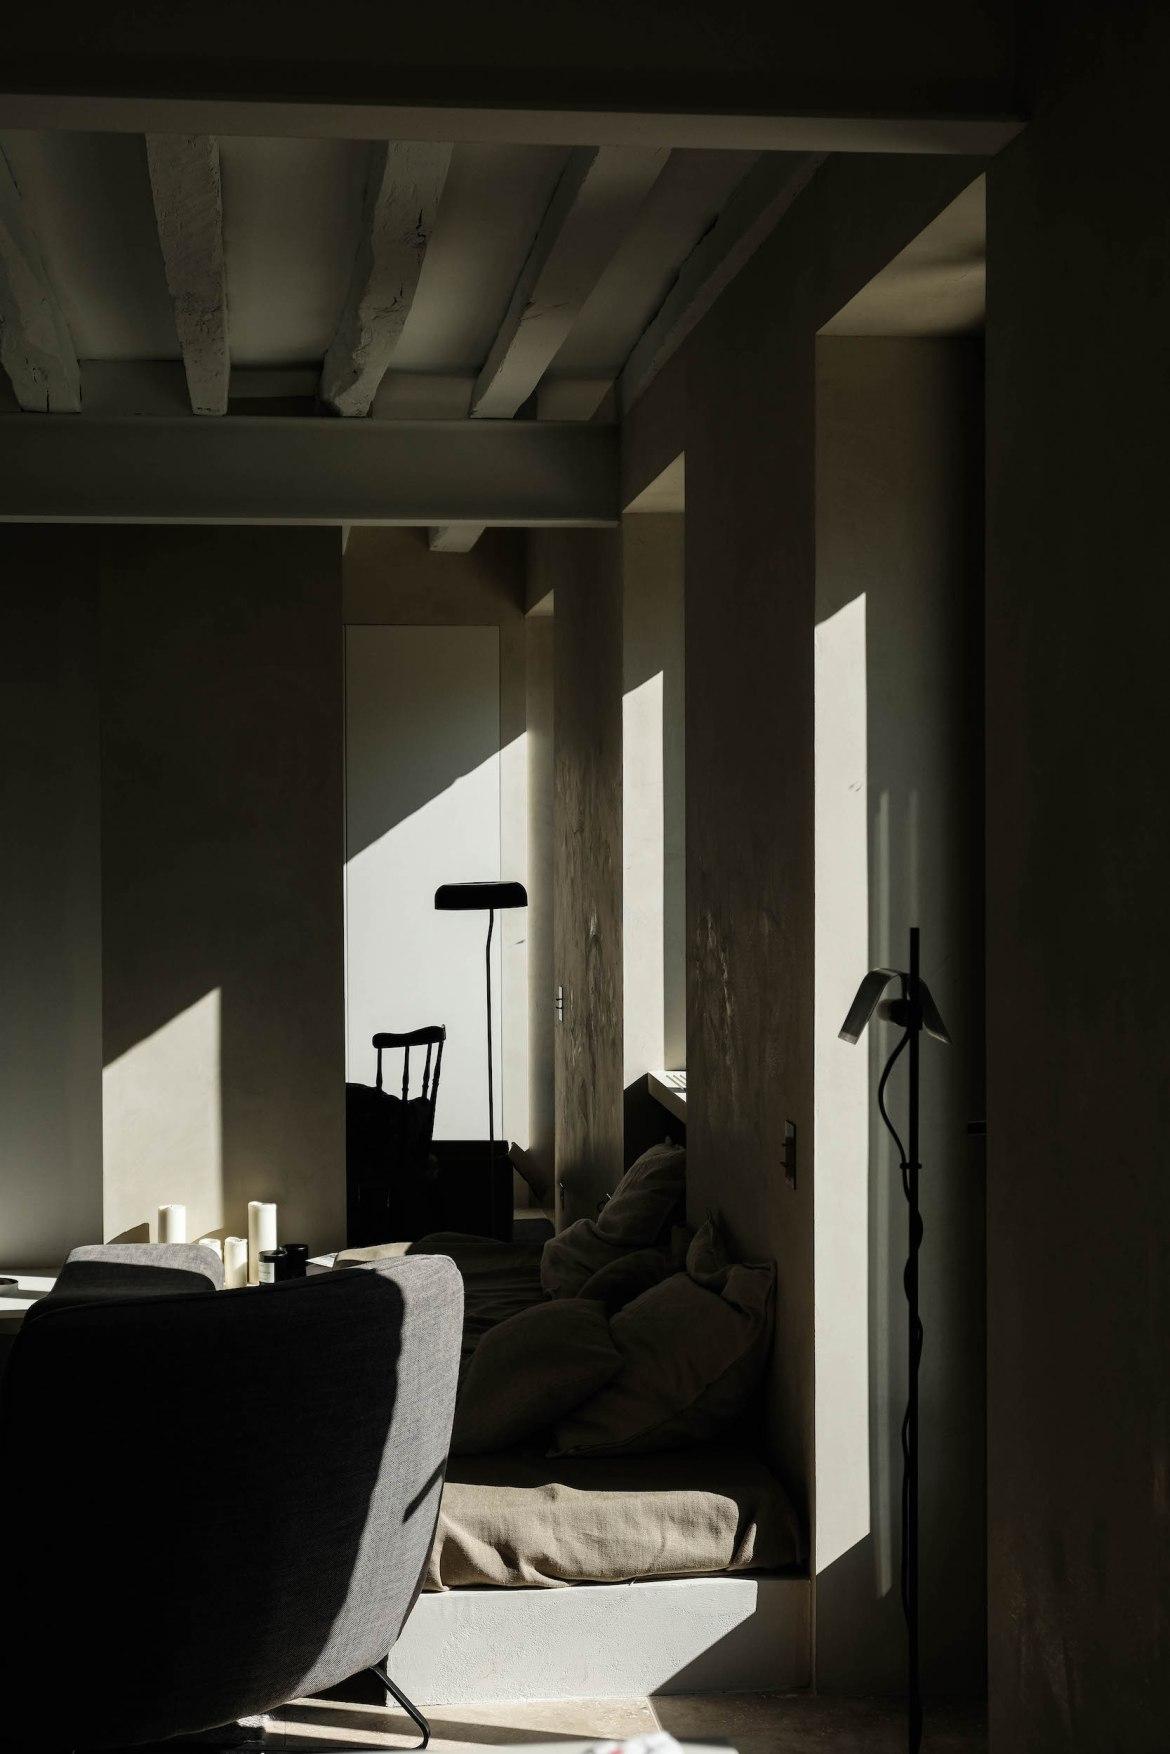 lumiere soleil naturelle salon maison vgl